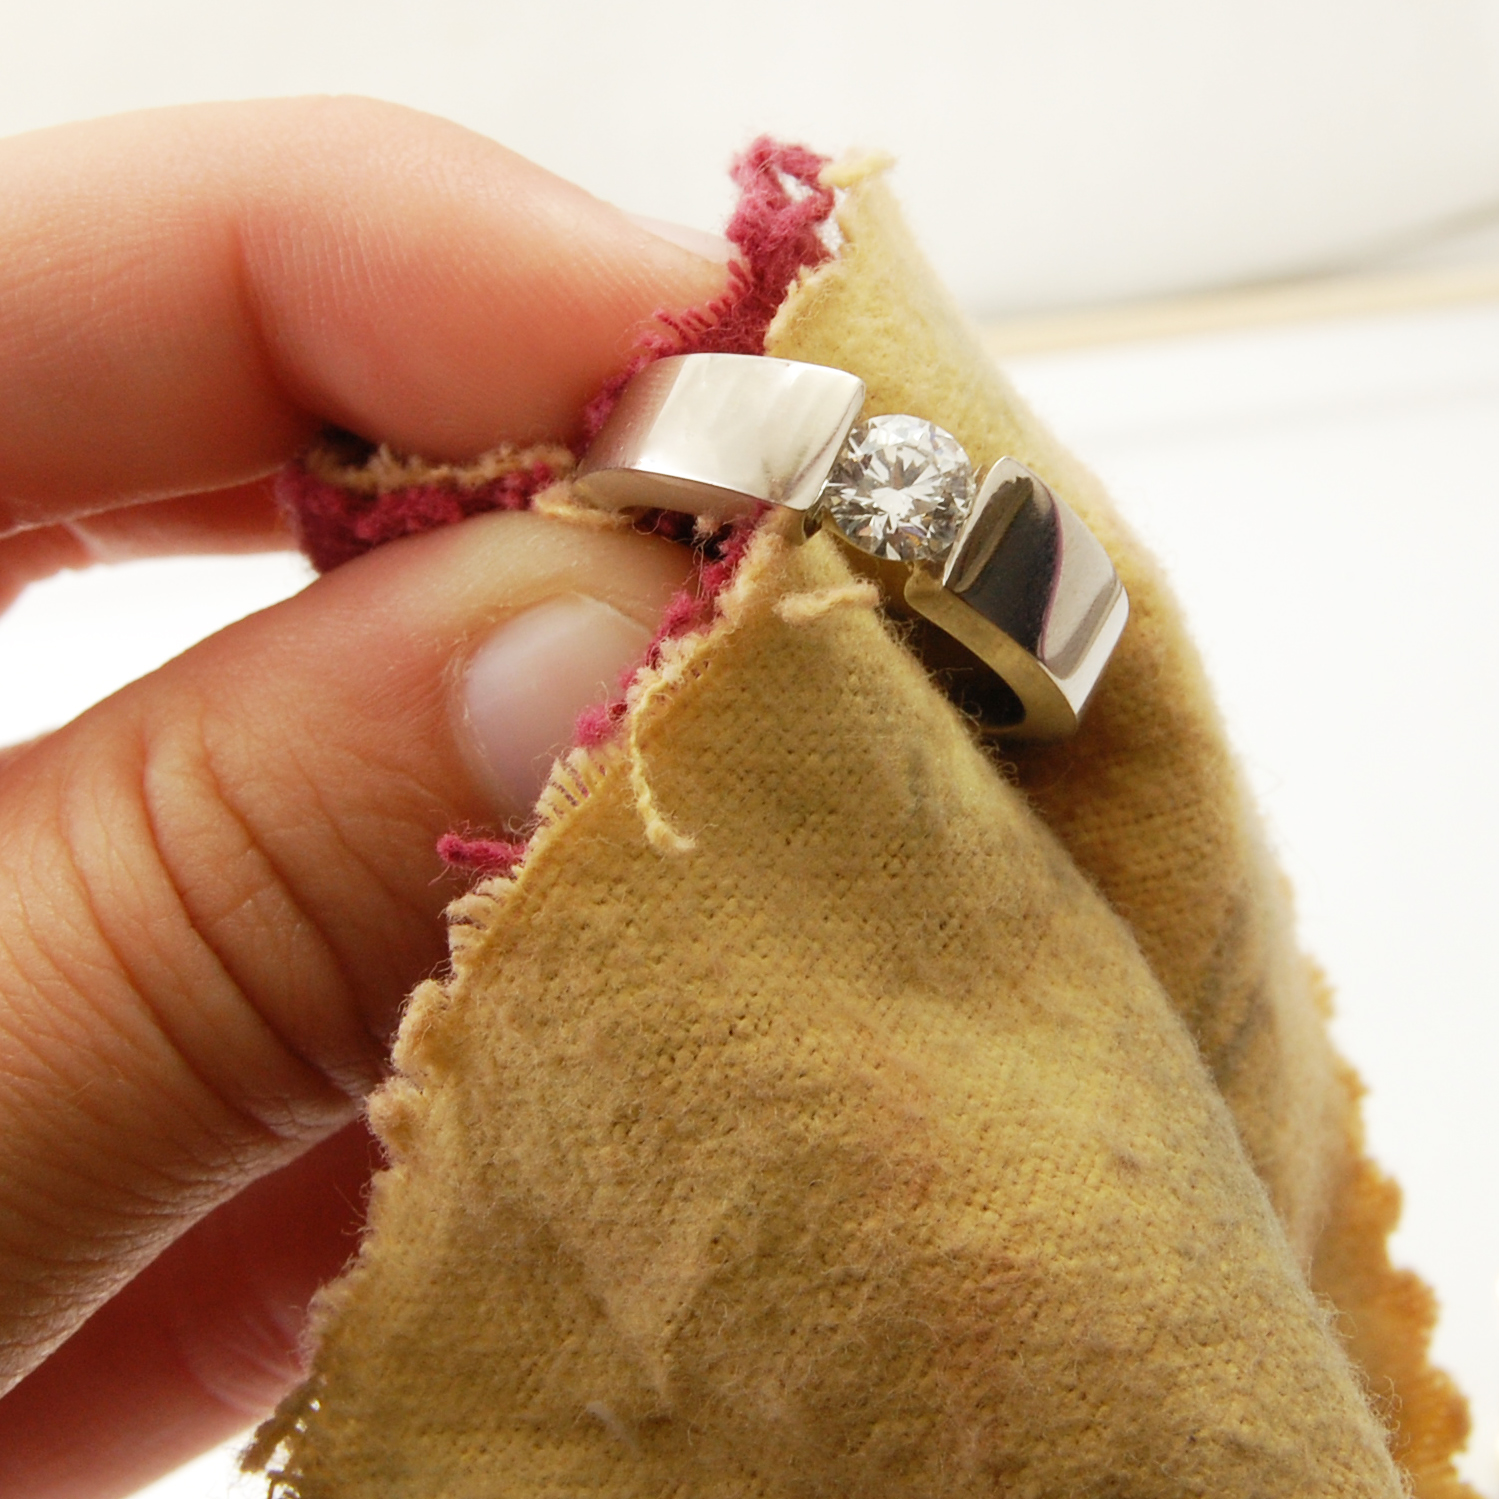 5 Sfaturi simple pentru ingrijirea bijuteriilor din aur chiar la tine acasa